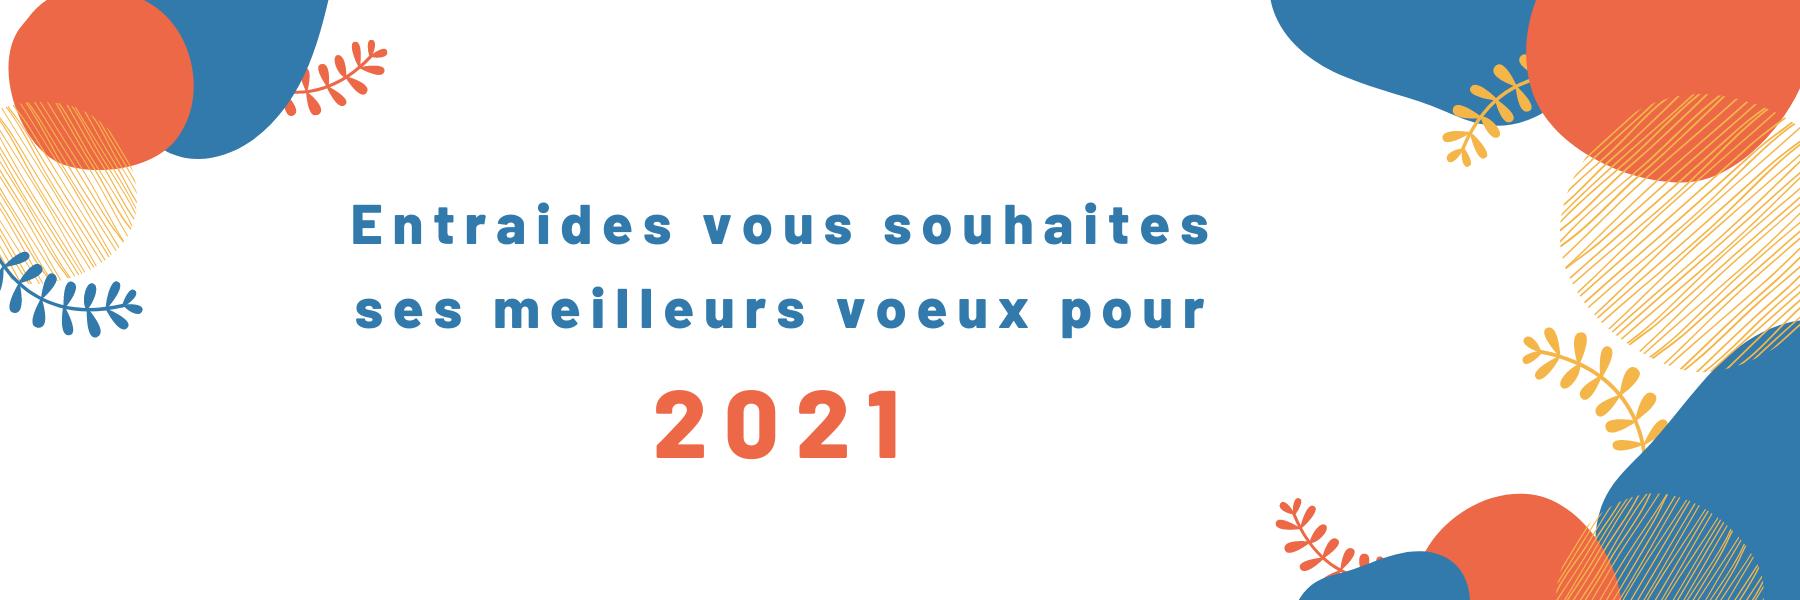 Entraides vous souhaite une bonne année 2021 !